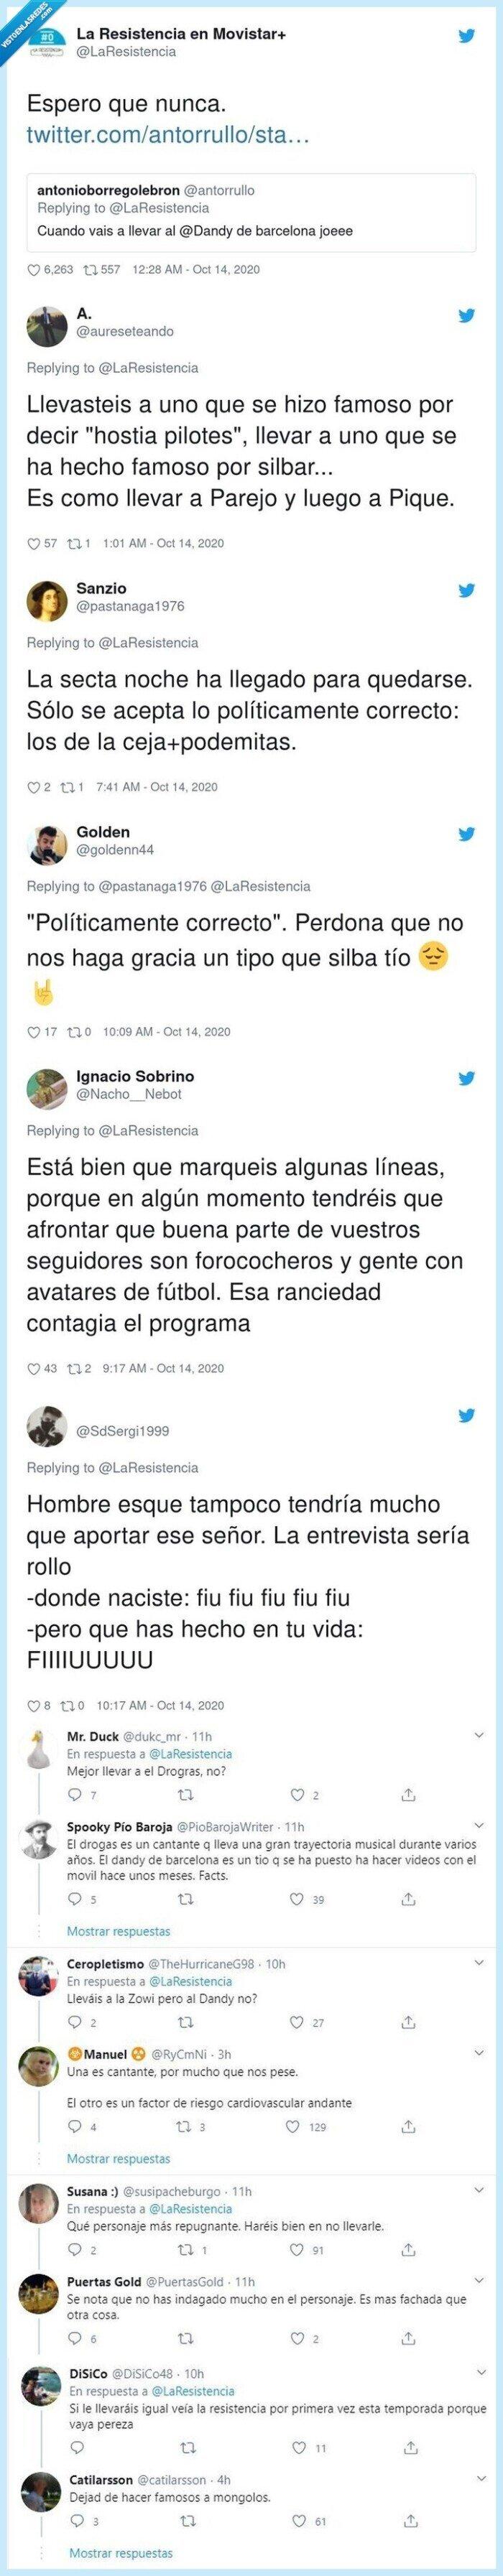 barcelona,dandy,fan,programa,resistencia,respuesta,twitter